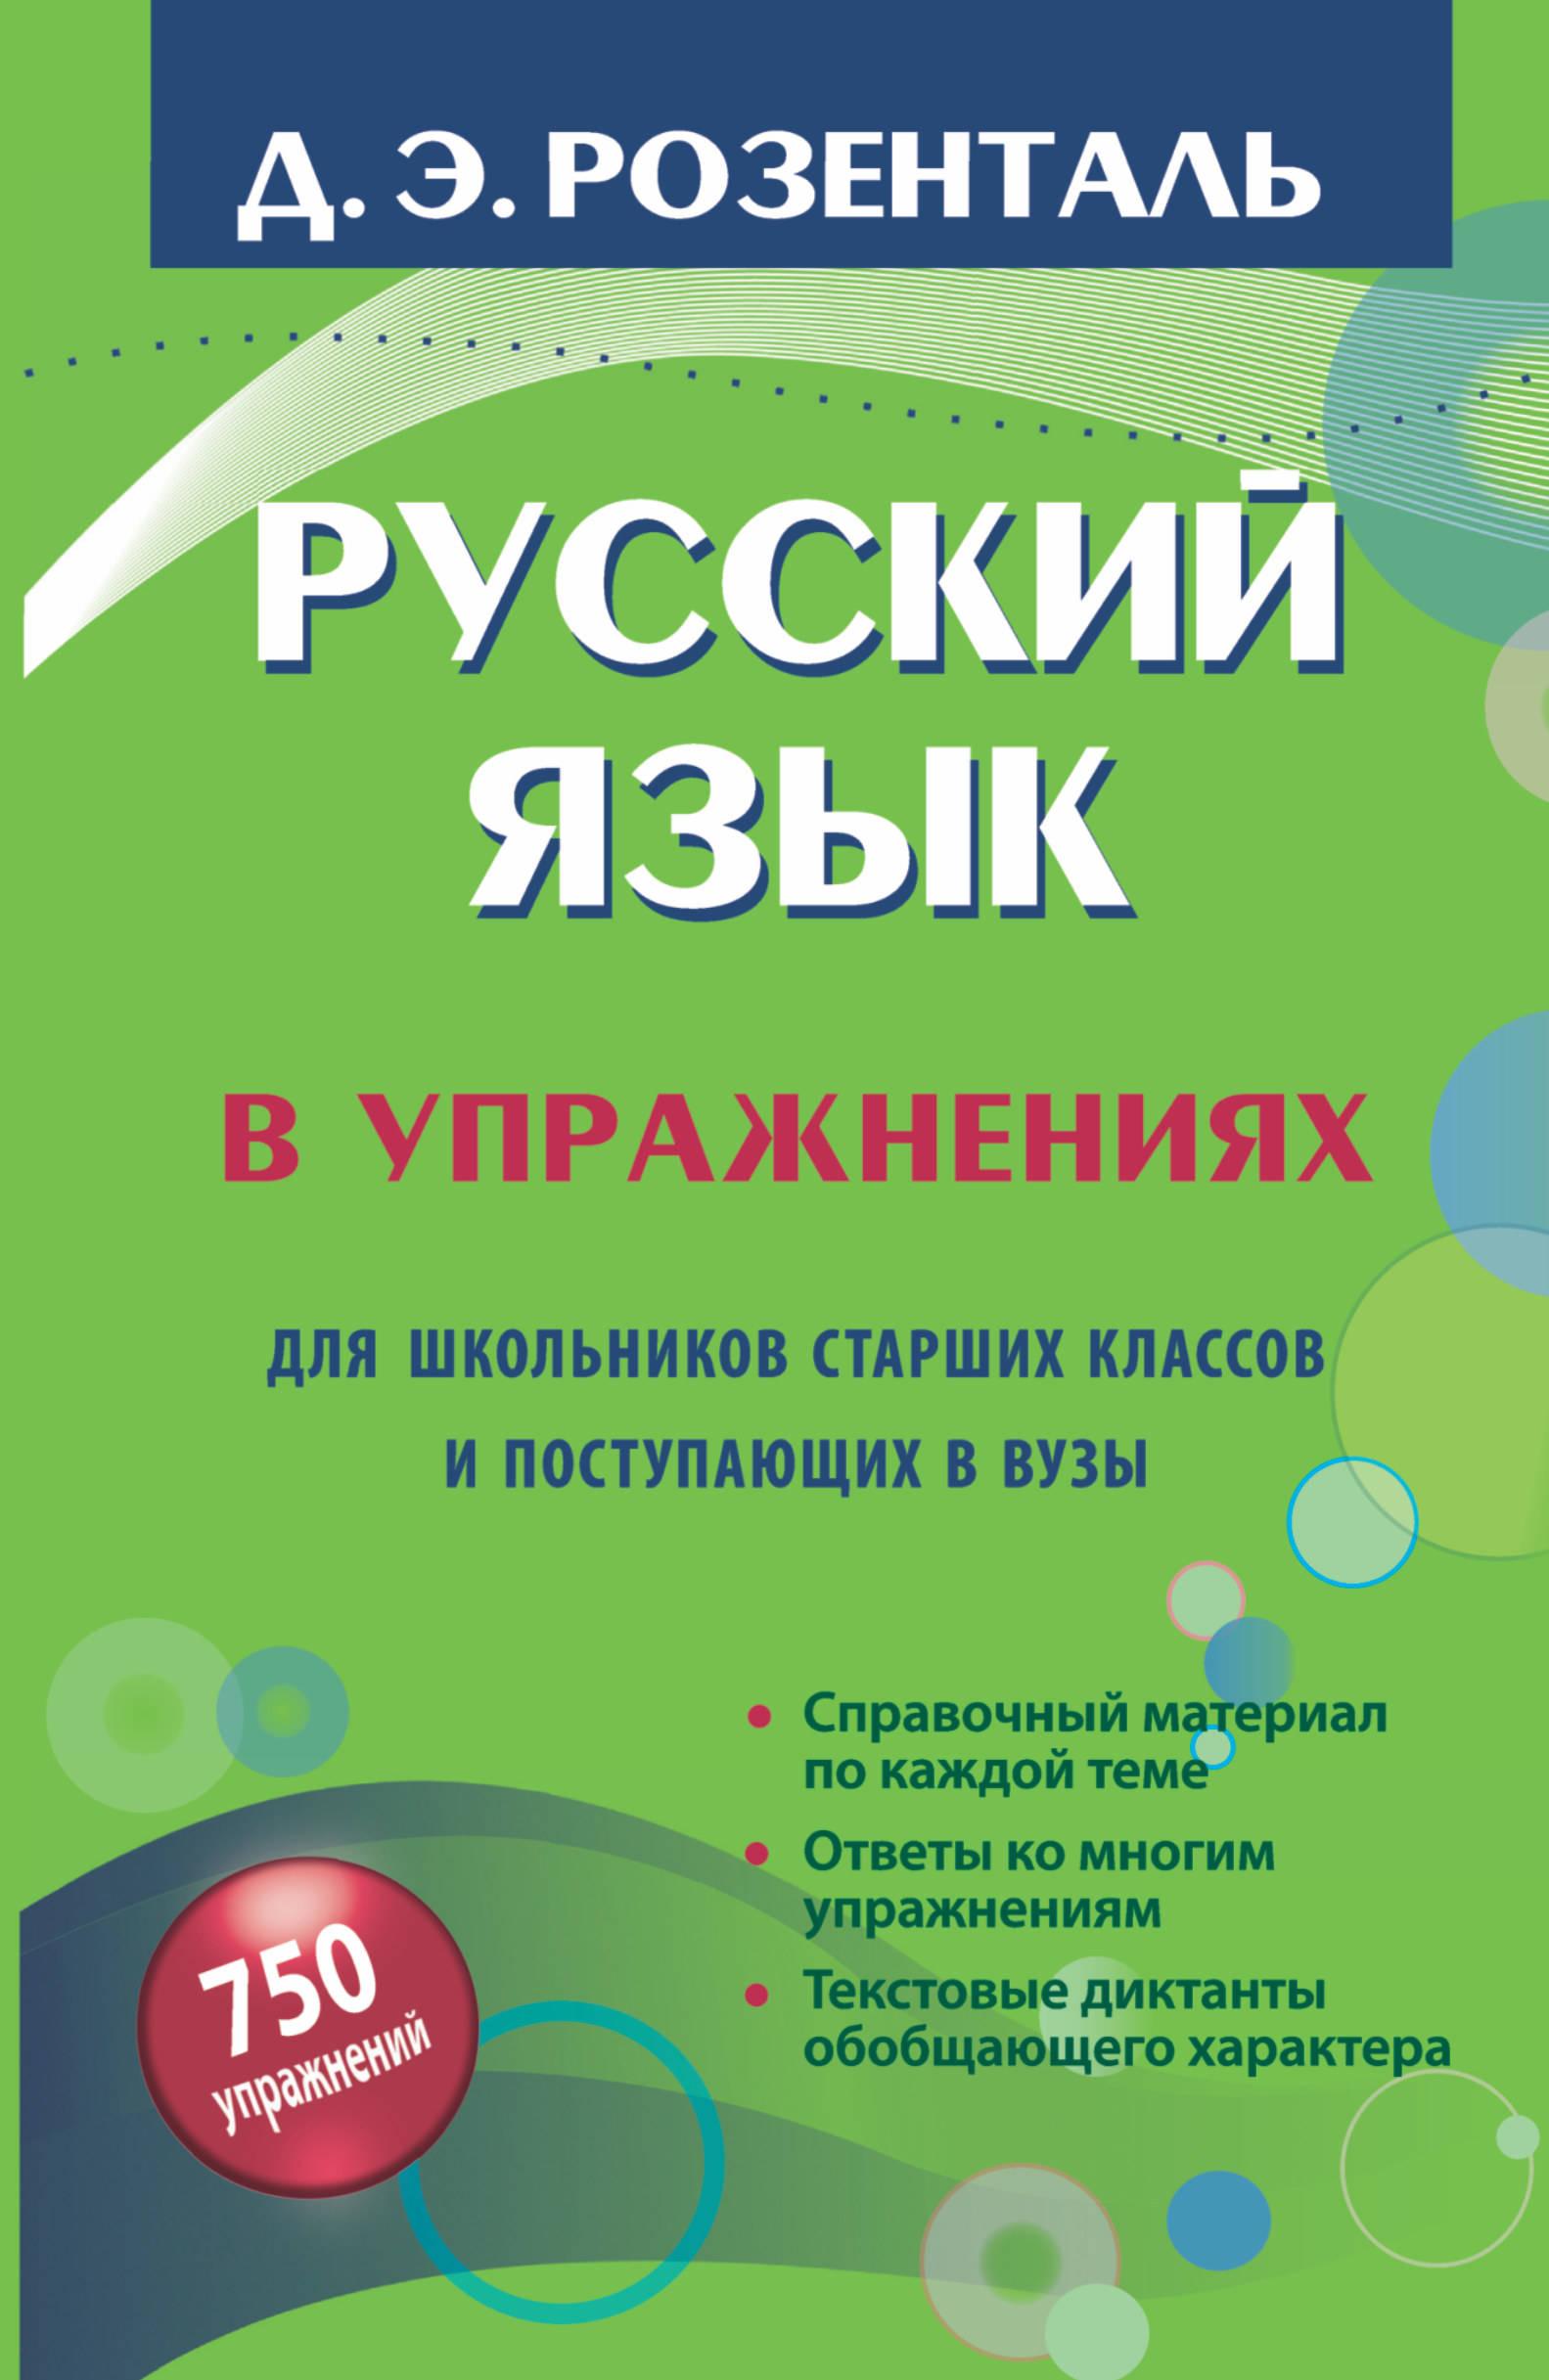 Купить со скидкой Русский язык в упражнениях. Для школьников старших классов и поступающих в вузы